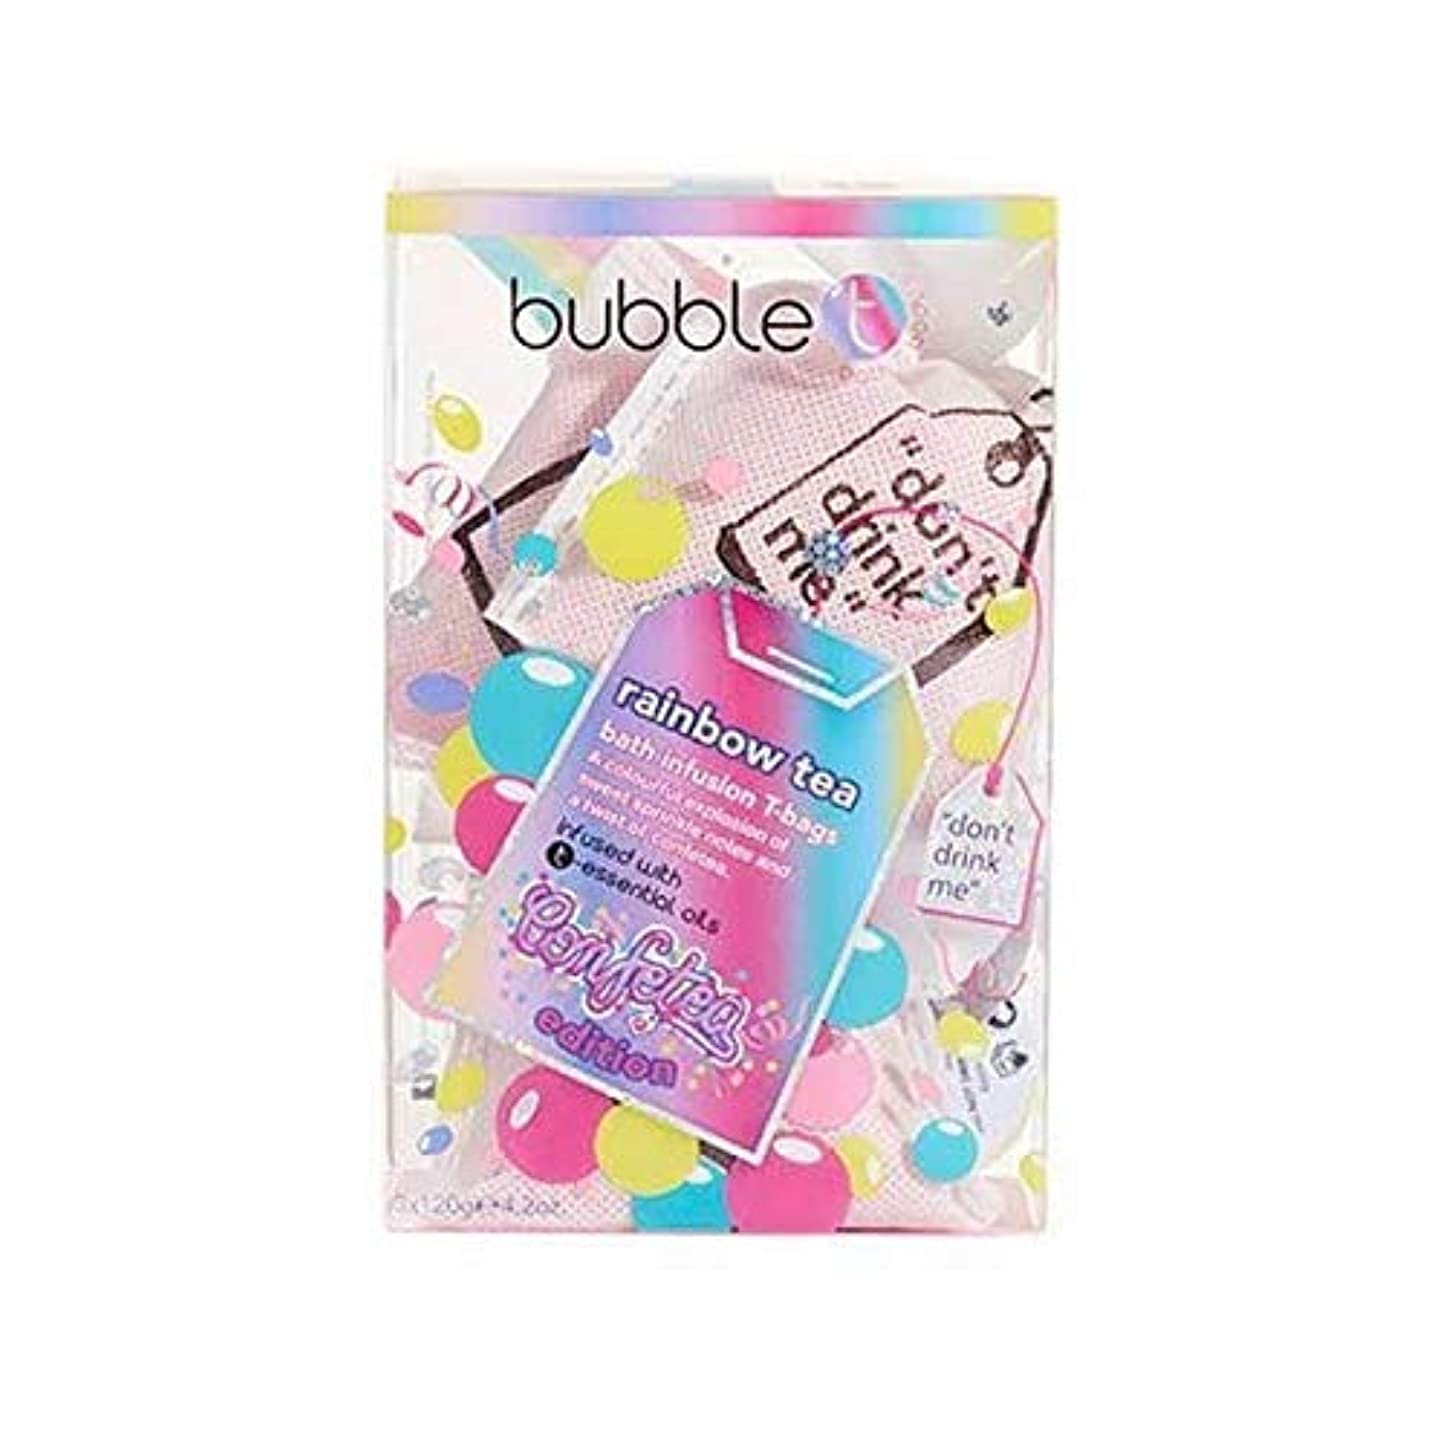 マニアック排除パーティー[Bubble T ] バブルトンの化粧品 - 入浴輸液ティーバッグ虹のお茶 - Bubble T Cosmetics - Bath infusion tea bags Rainbow tea [並行輸入品]